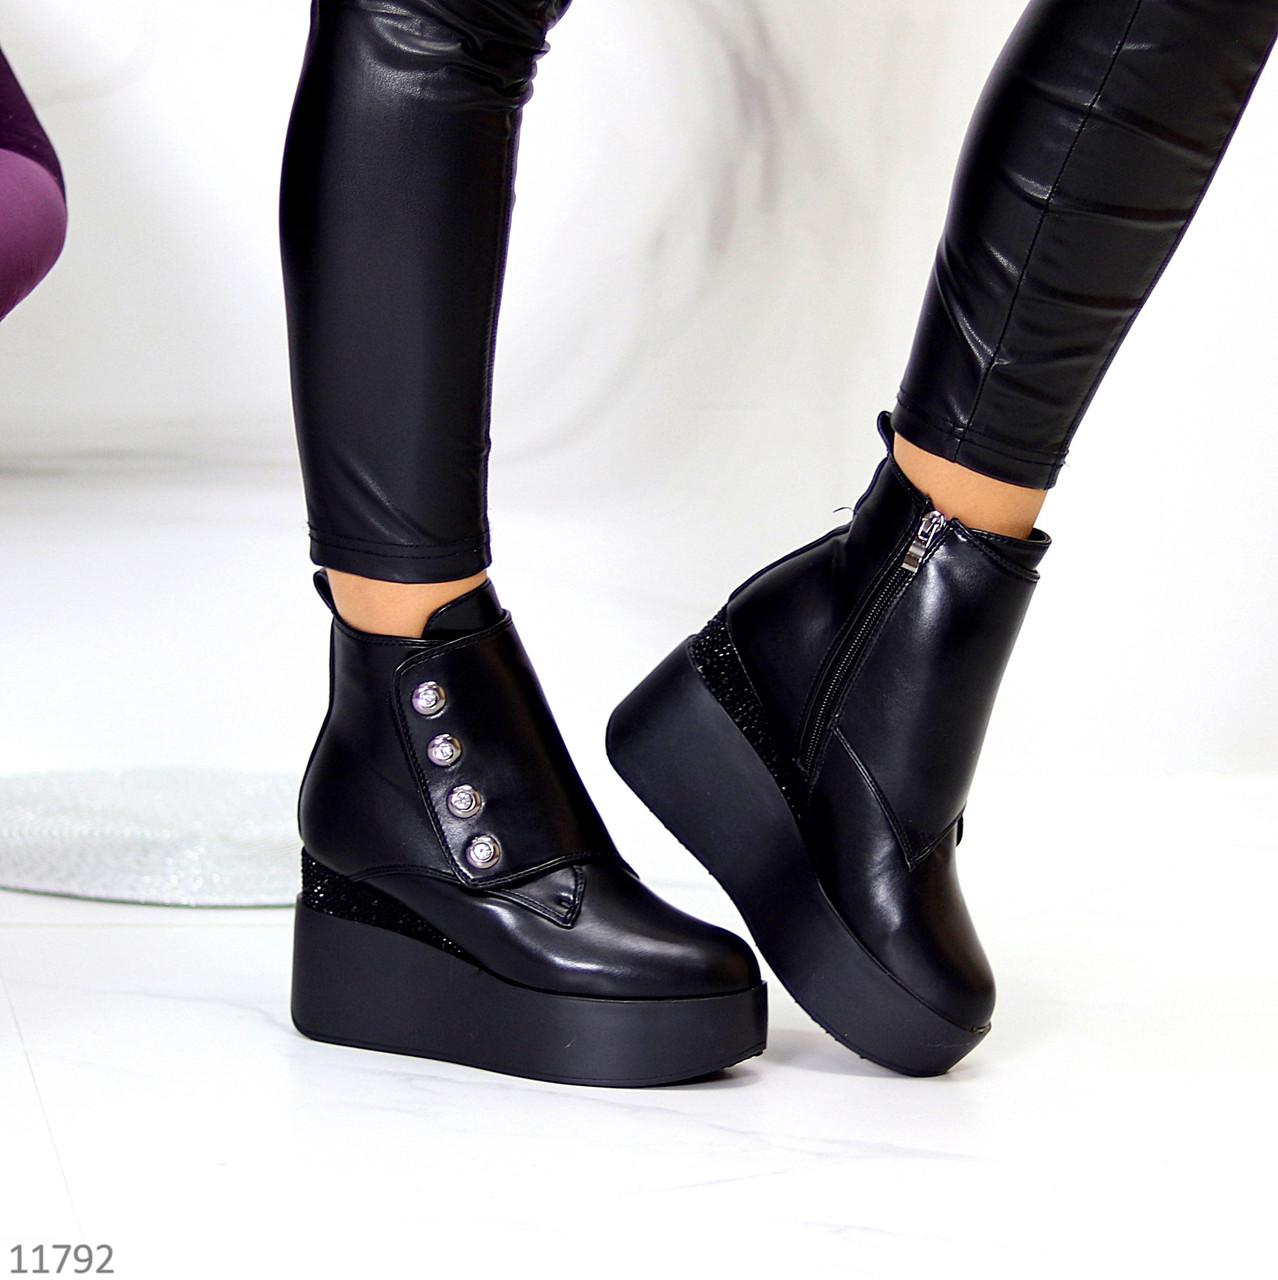 Ультра модные зимние черные женские ботинки на платформе танкетке